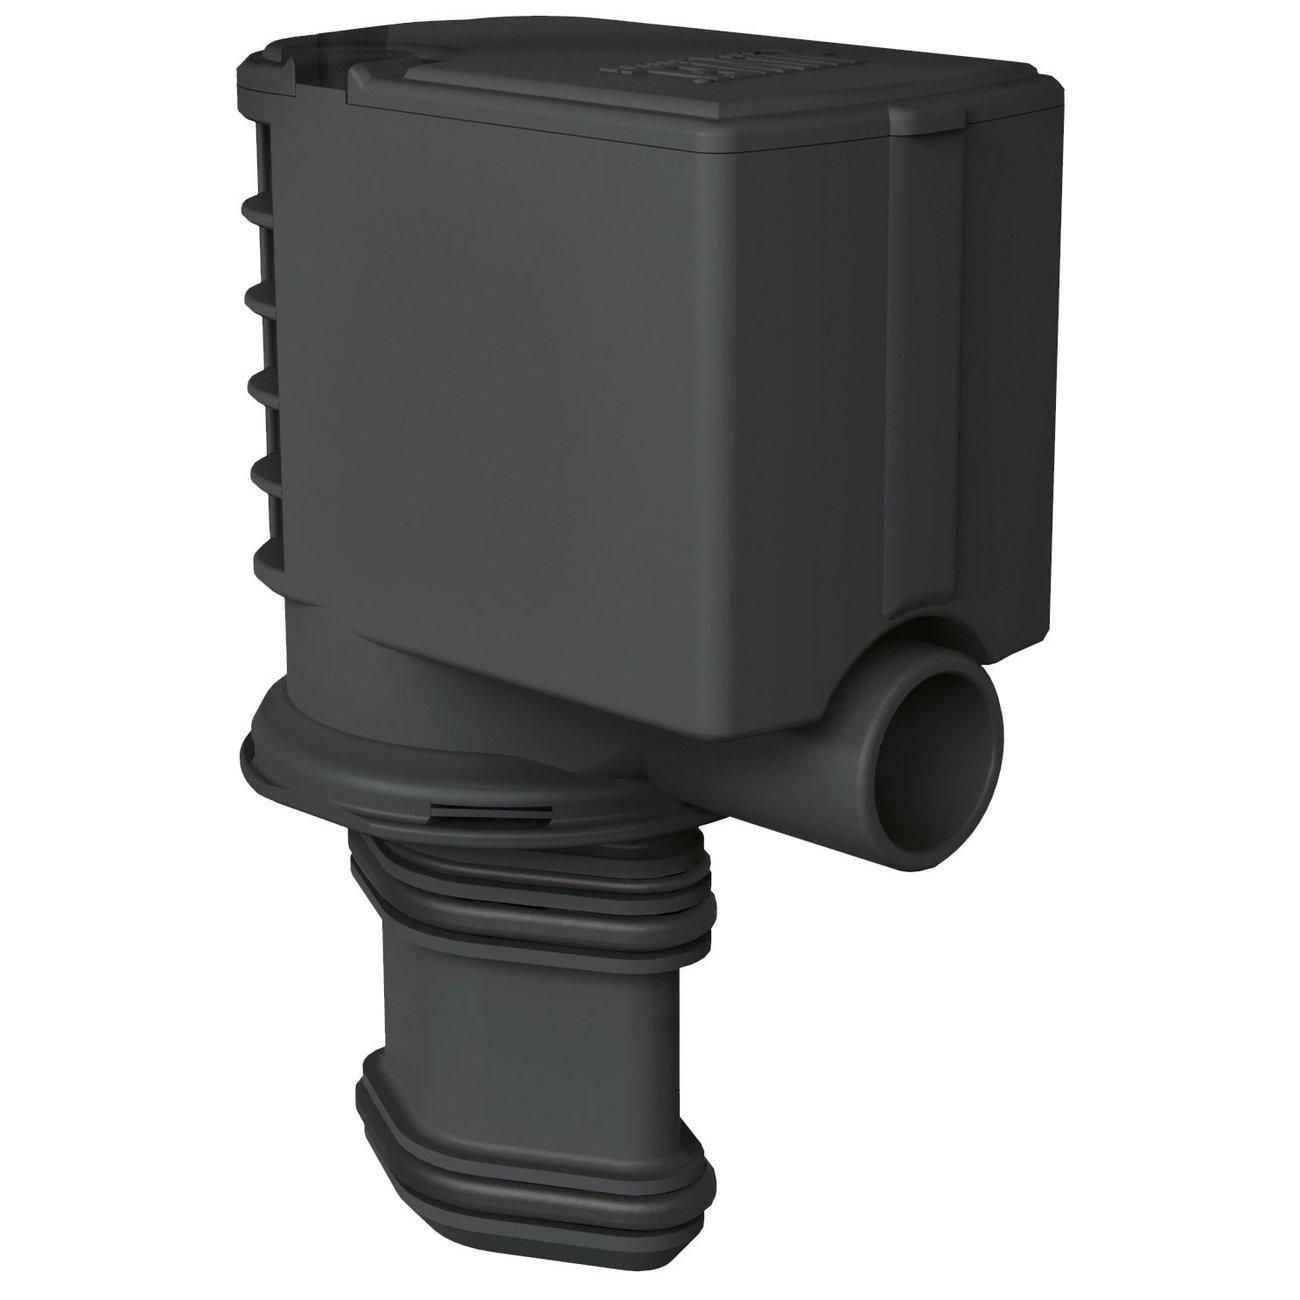 Juwel Eccoflow Pumpe, Bild 8